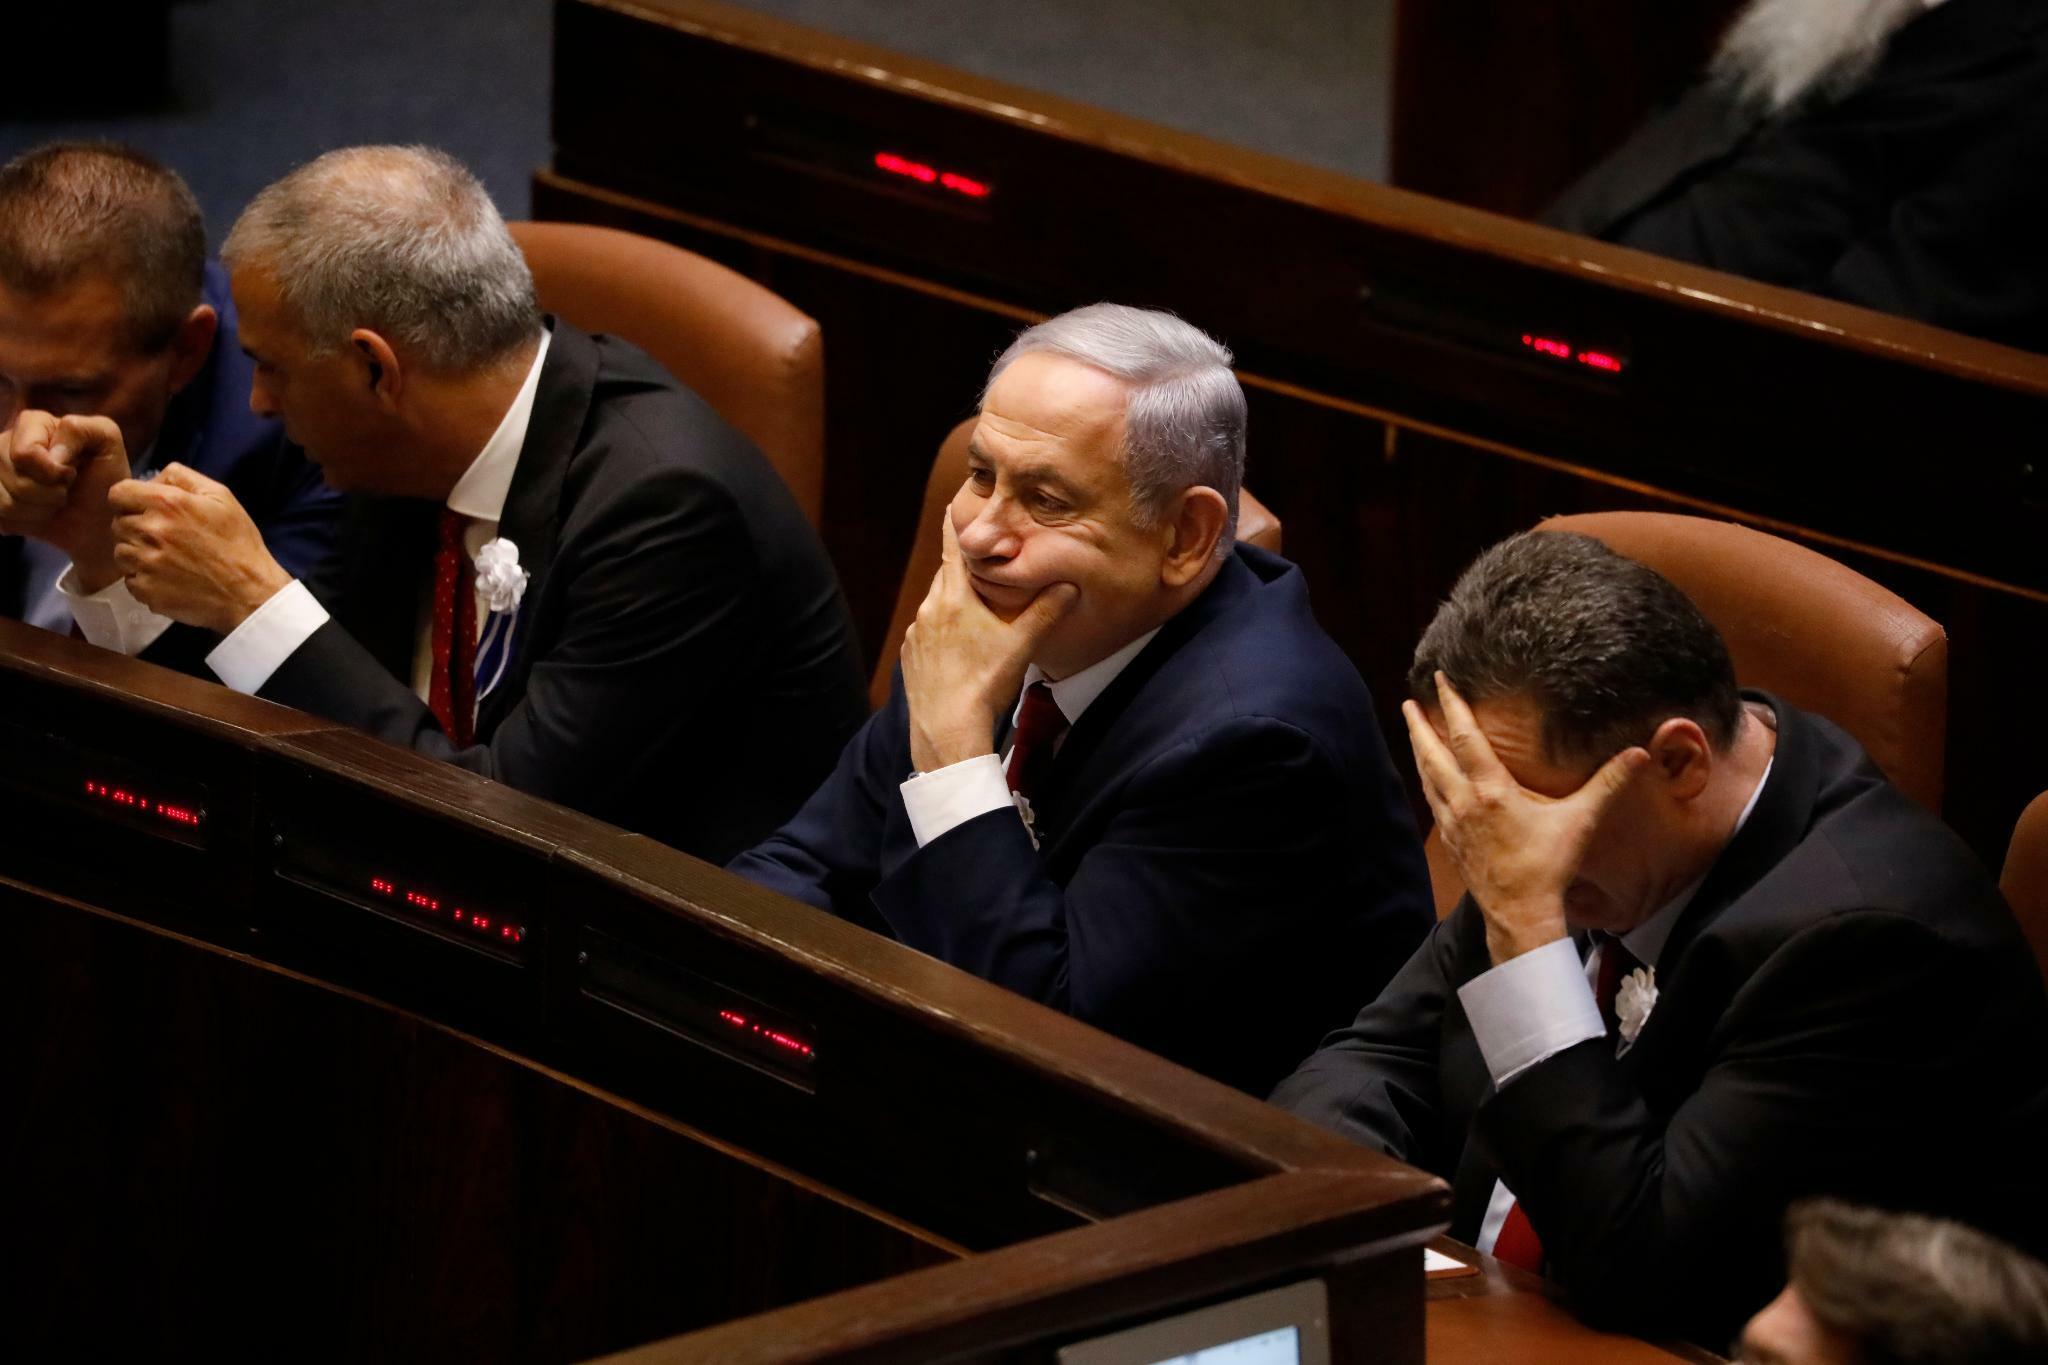 Israel: Netanjahu scheitert mit Regierungsbildung und gibt Mandat zurück